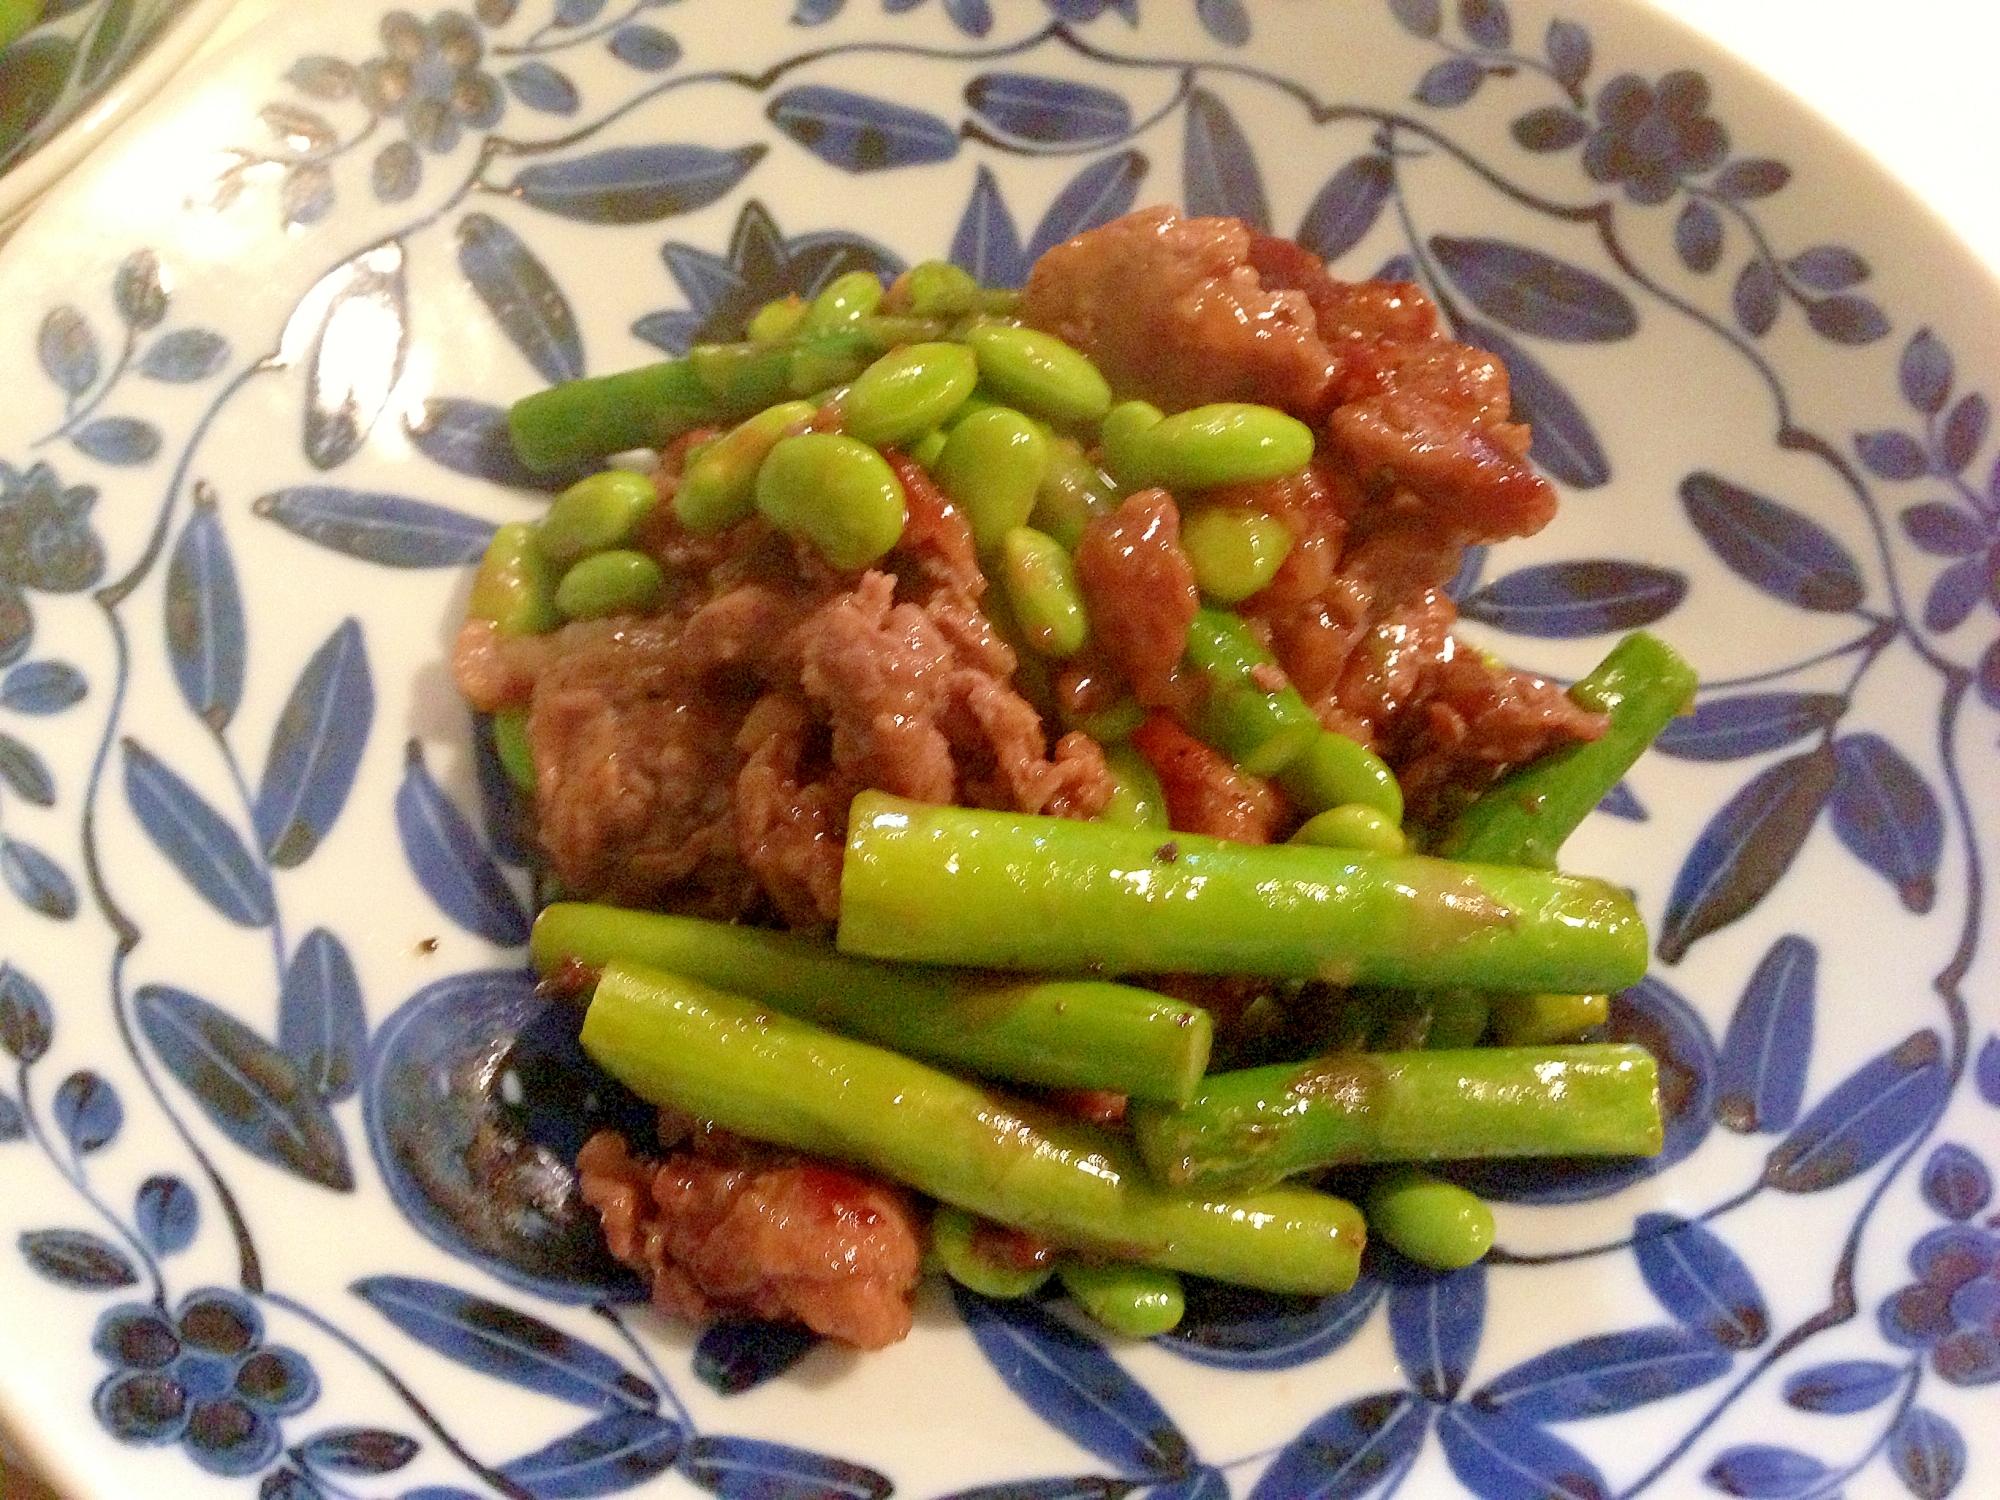 アスパラ・枝豆と牛肉のオイスターソース炒め